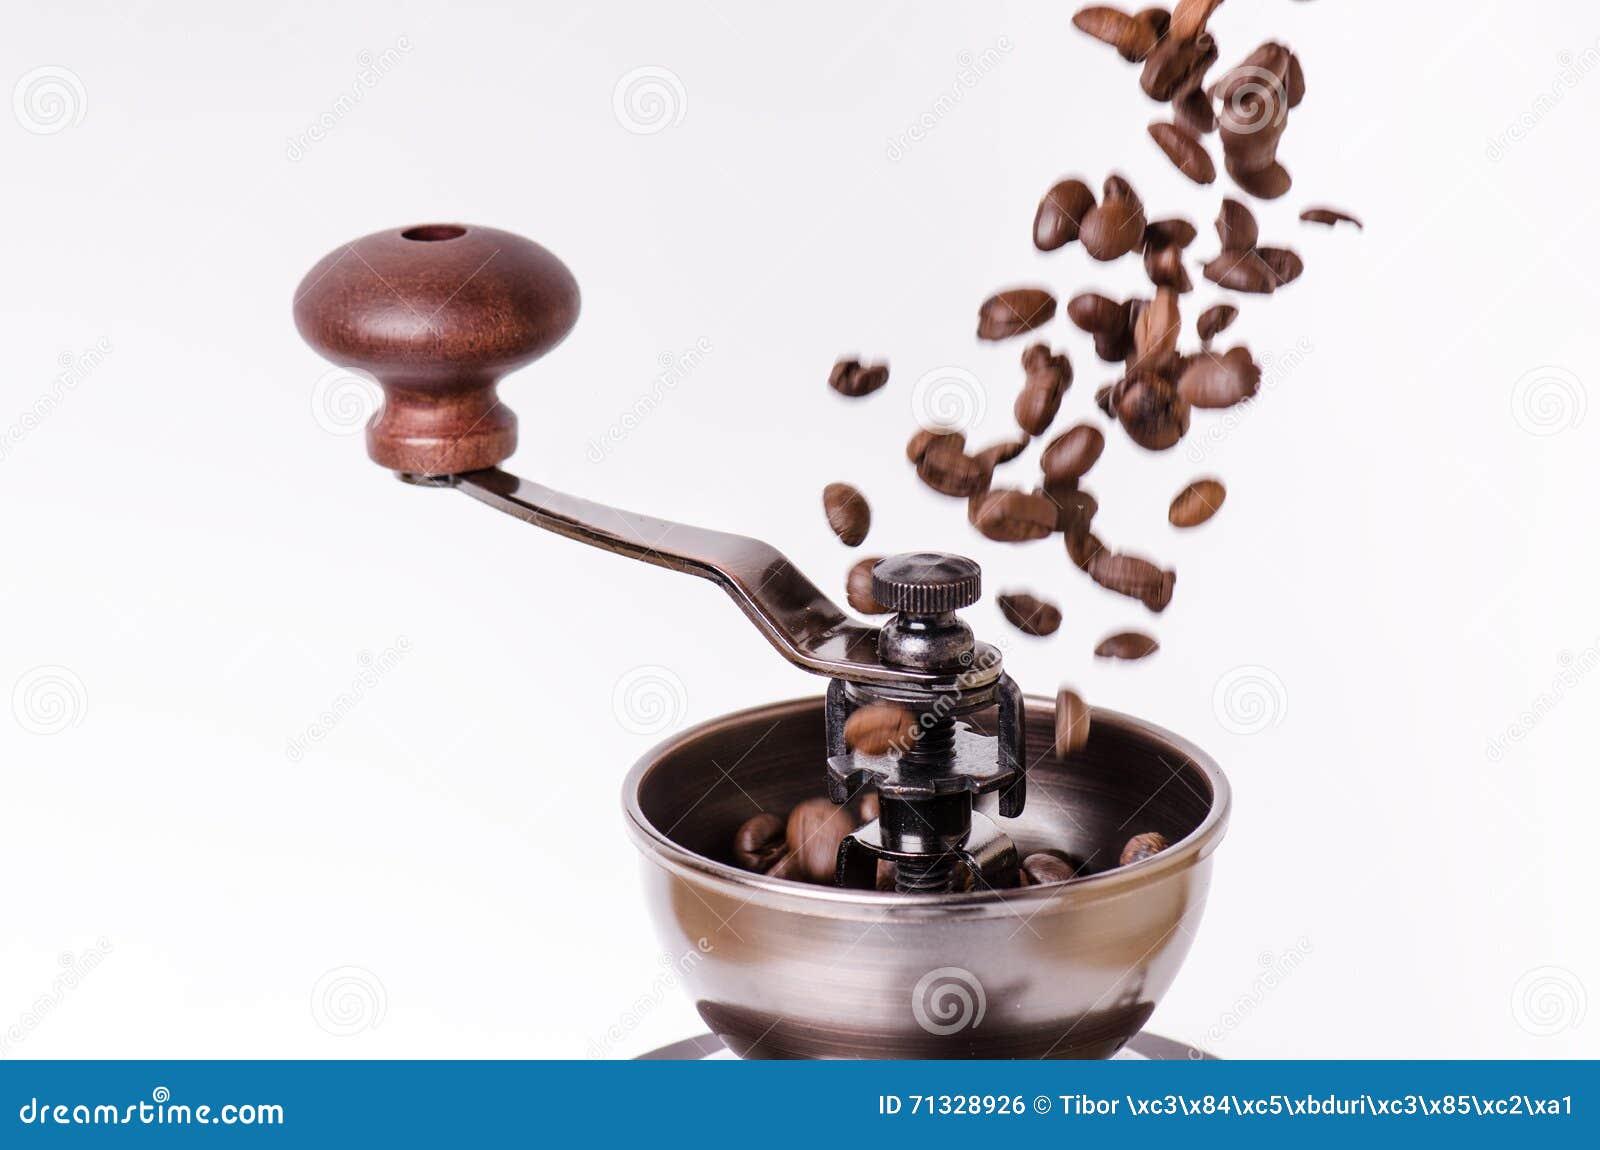 Manuell kaffekvarn med kaffebönor isolerat Vit bakgrund Modernt utforma grillat bönakaffe Svävningkaffebönor